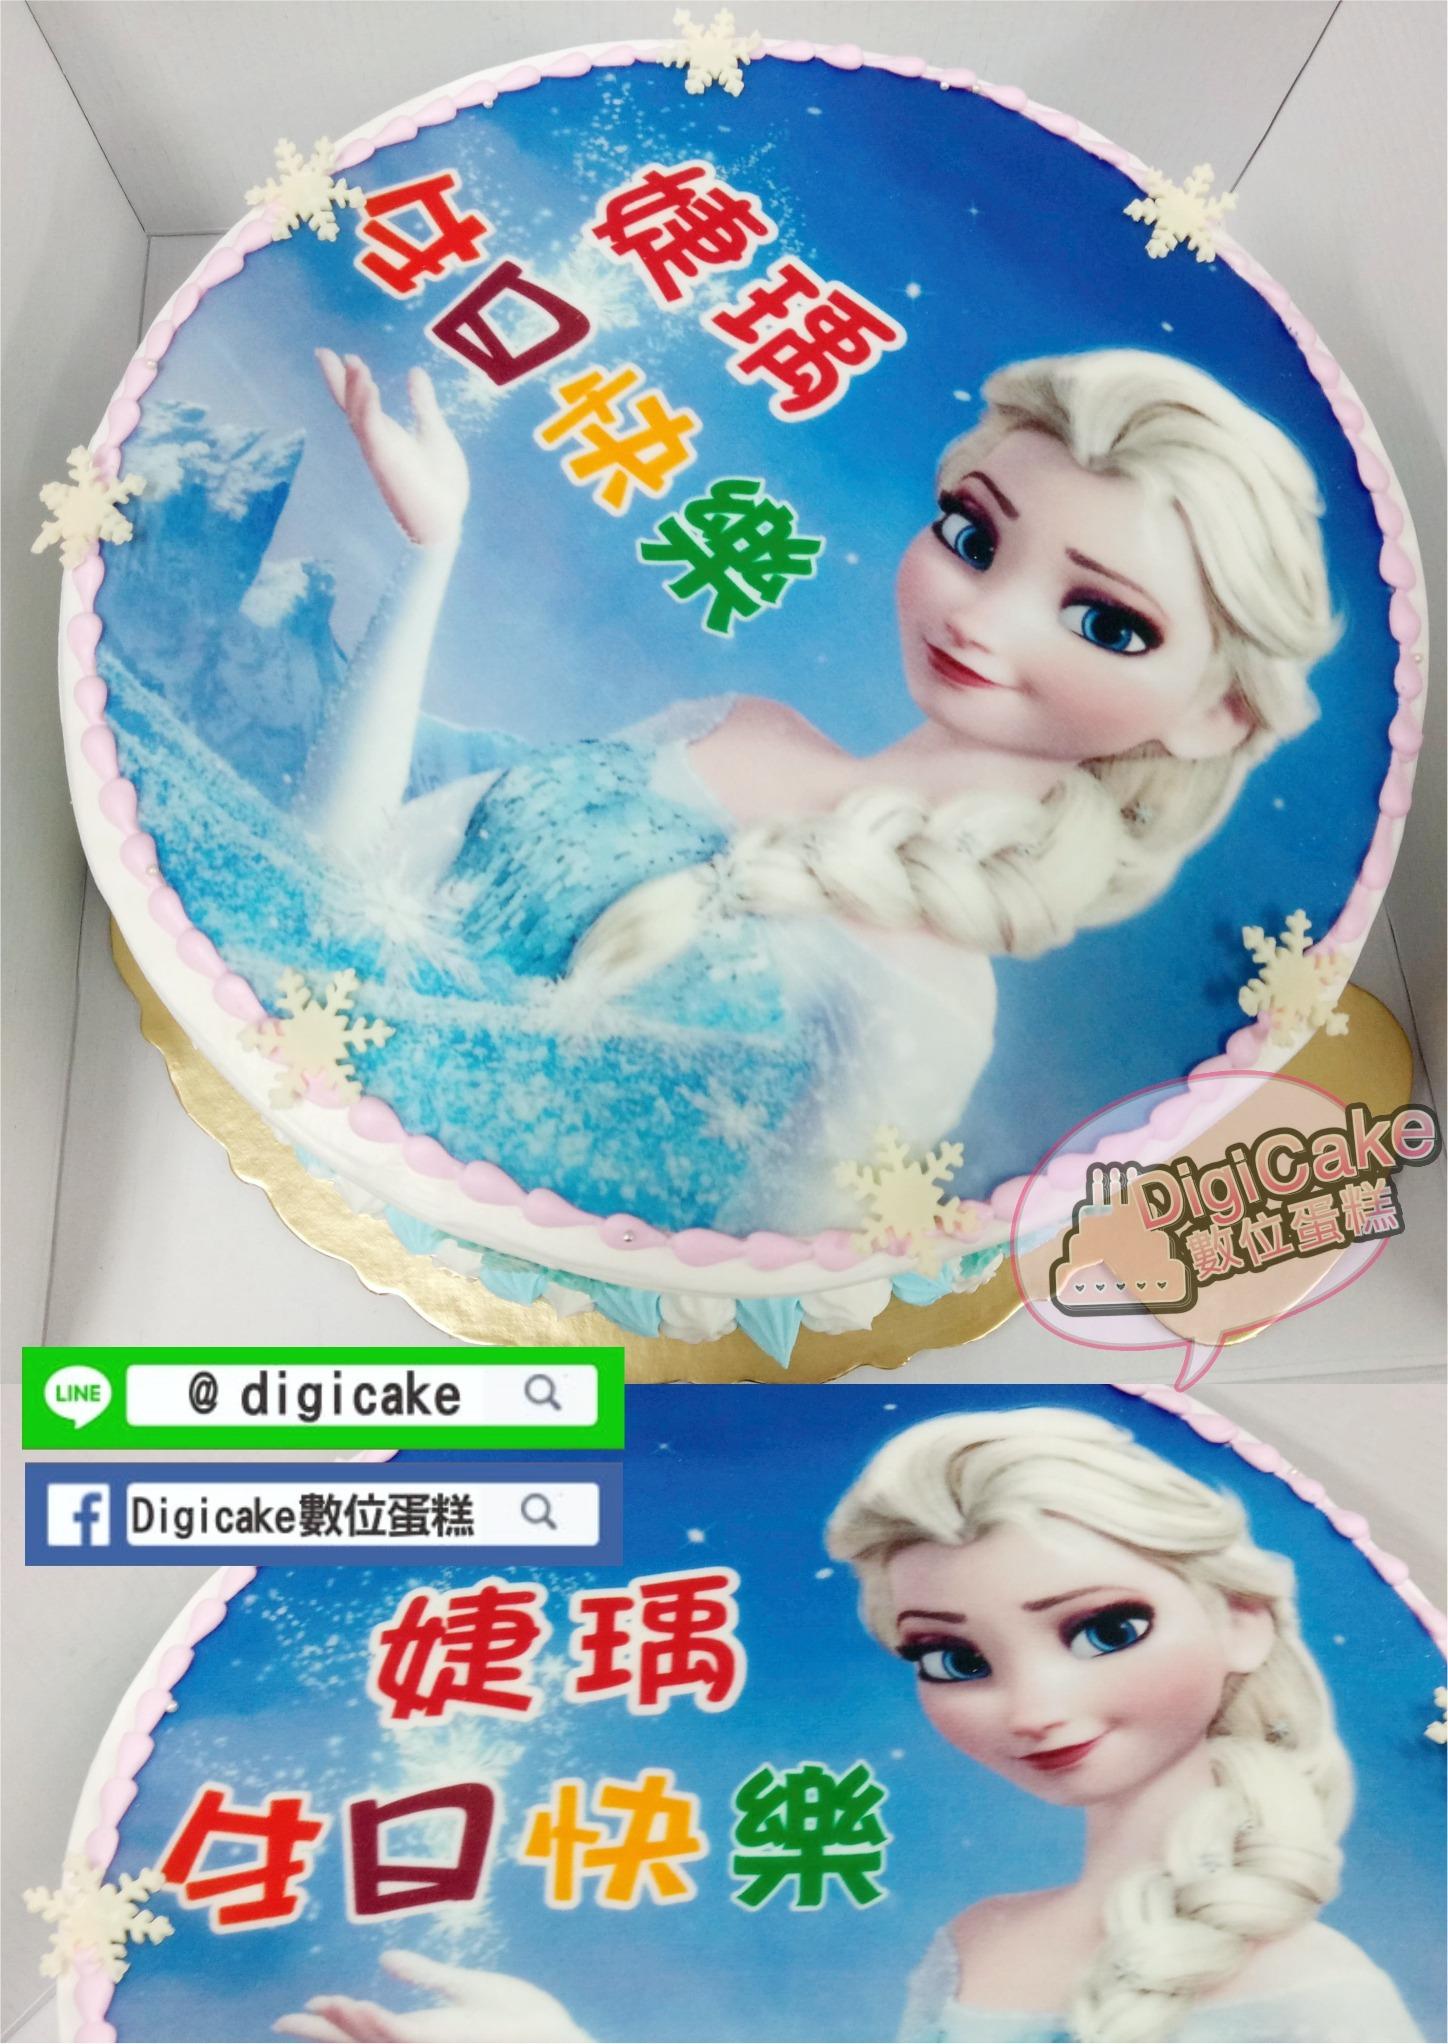 點此進入冰雪奇緣愛莎相片蛋糕的詳細資料!